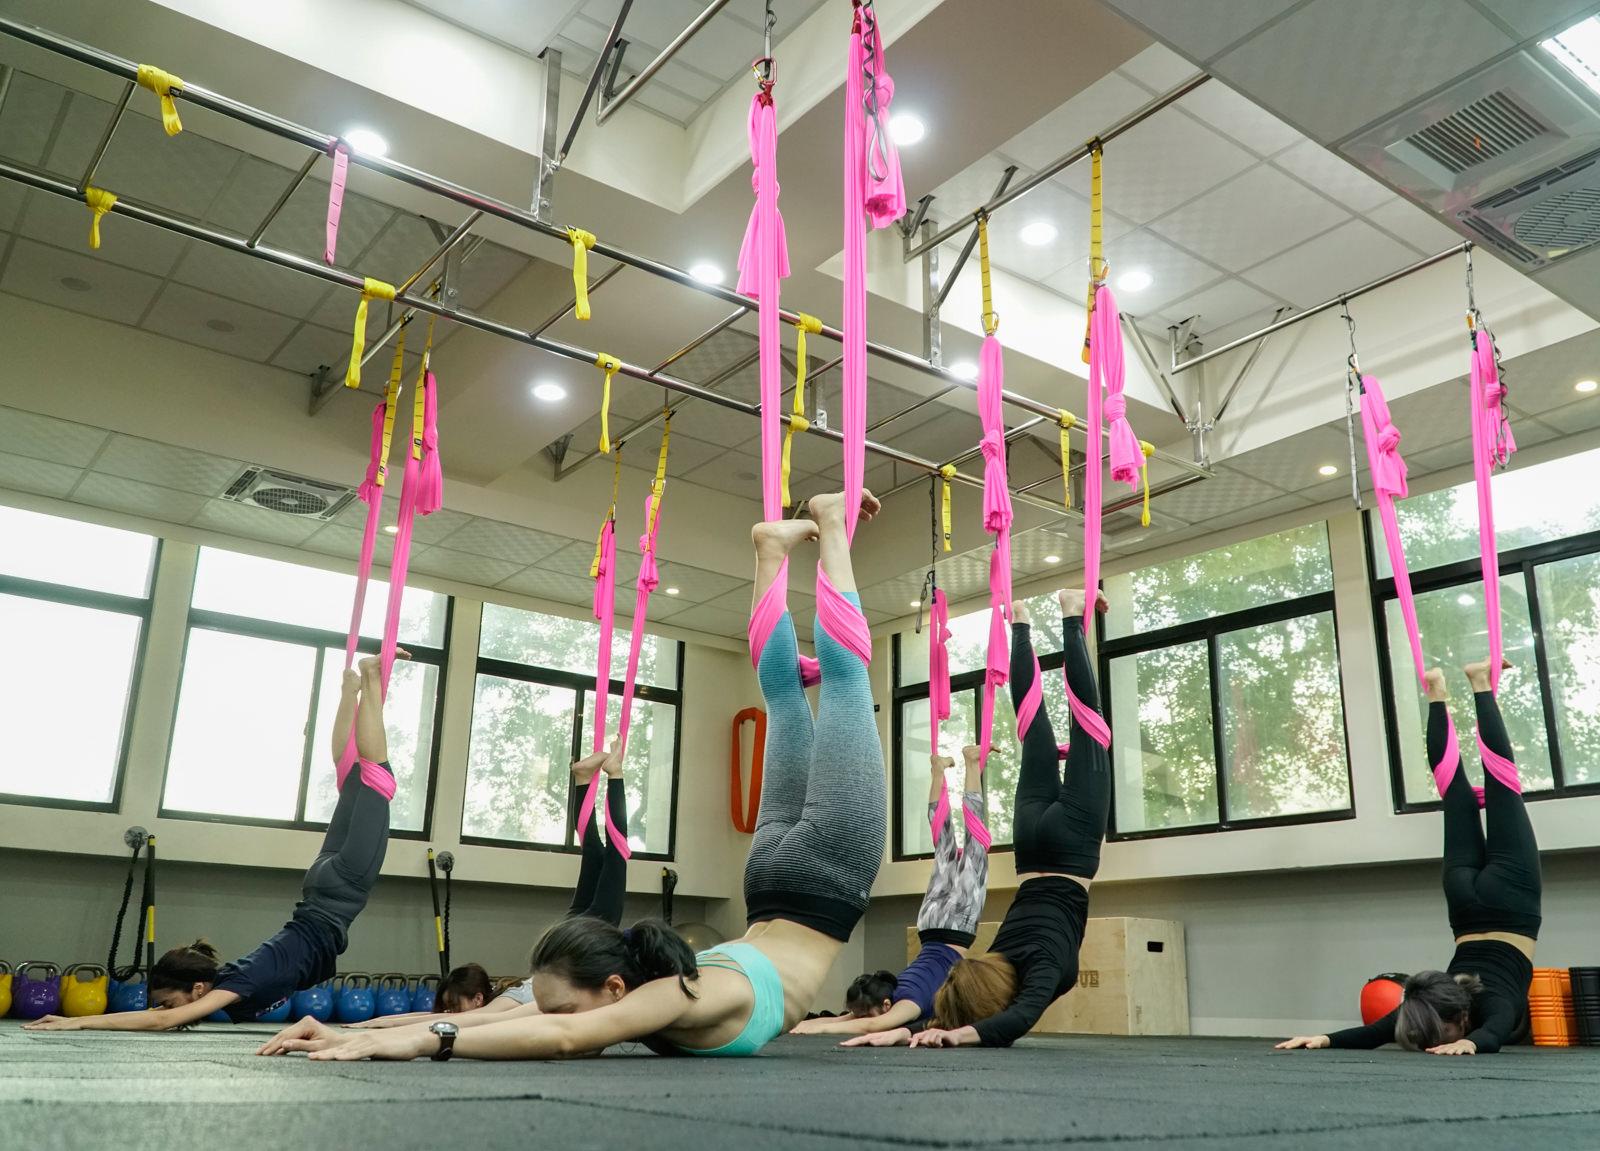 [高雄]Amber Fit安柏飛運動中心-女性時尚運動 質感專業空中瑜珈課程 高雄空中瑜珈推薦 @美食好芃友